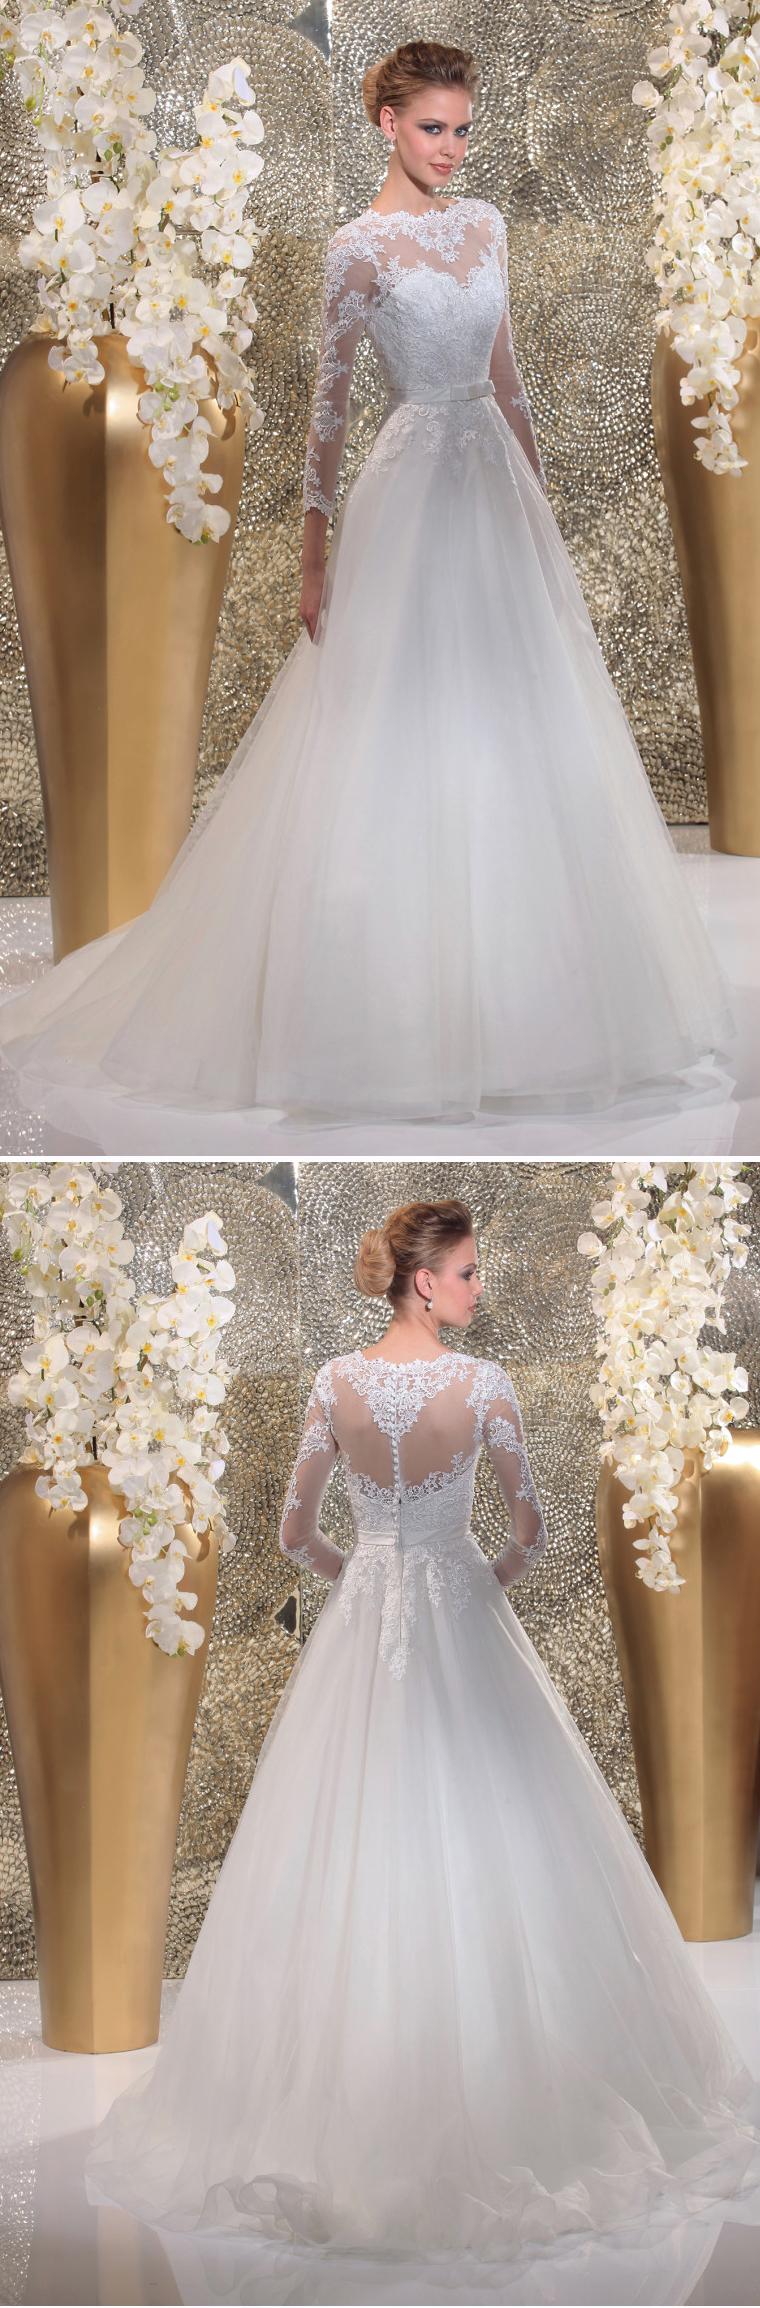 """Isabel de Mestre - Gold Label Kollektion 2016: Brautkleid """"Laguna"""" mit transparenten und bestickten Ärmeln mit Spitze und tollem Rückenausschnitt in Herzform."""